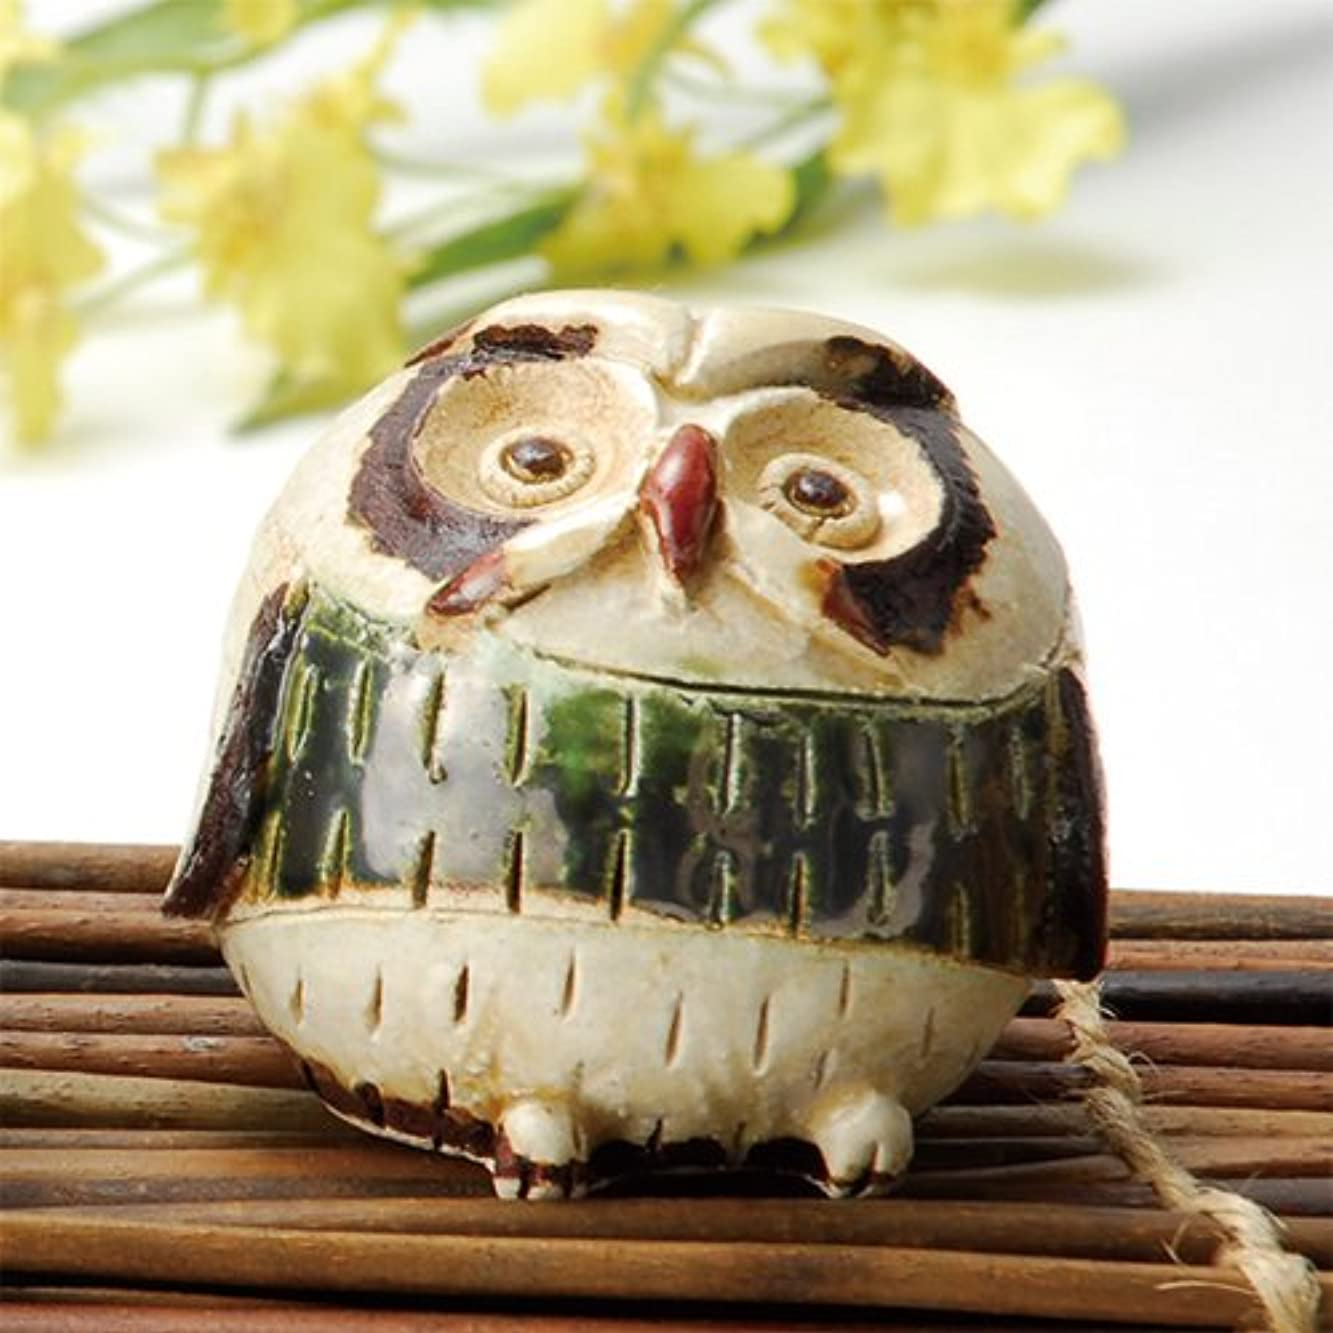 キャラクター適用済み名誉香炉 白萩 フクロウ 香炉(小) [H7cm] HANDMADE プレゼント ギフト 和食器 かわいい インテリア